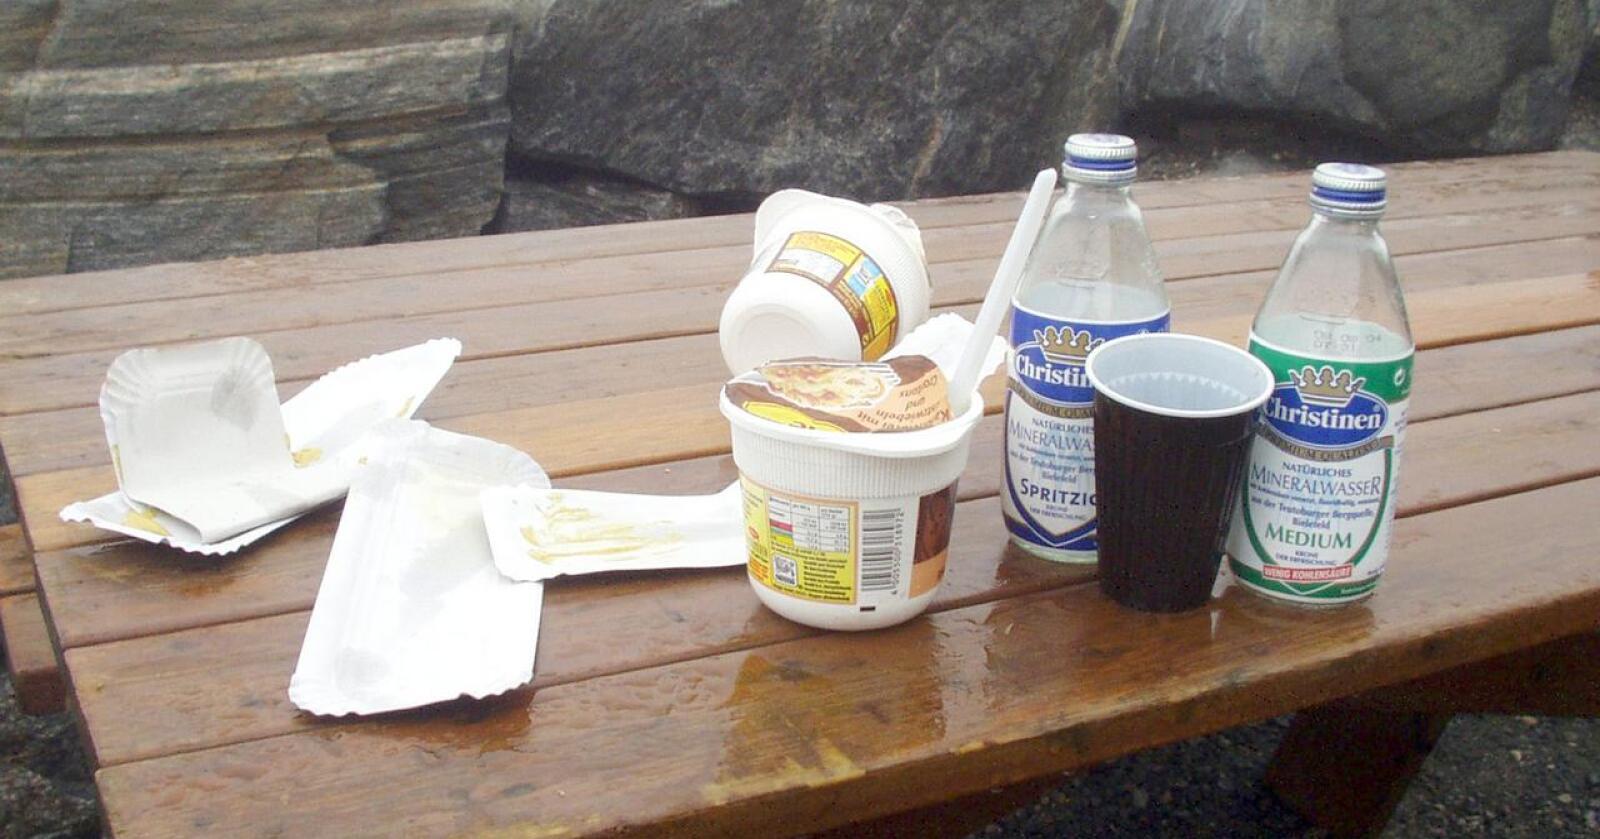 Avvisende: Bygdefolk forsøpler også, skriver innsenderen. Foto: Rune Solheim